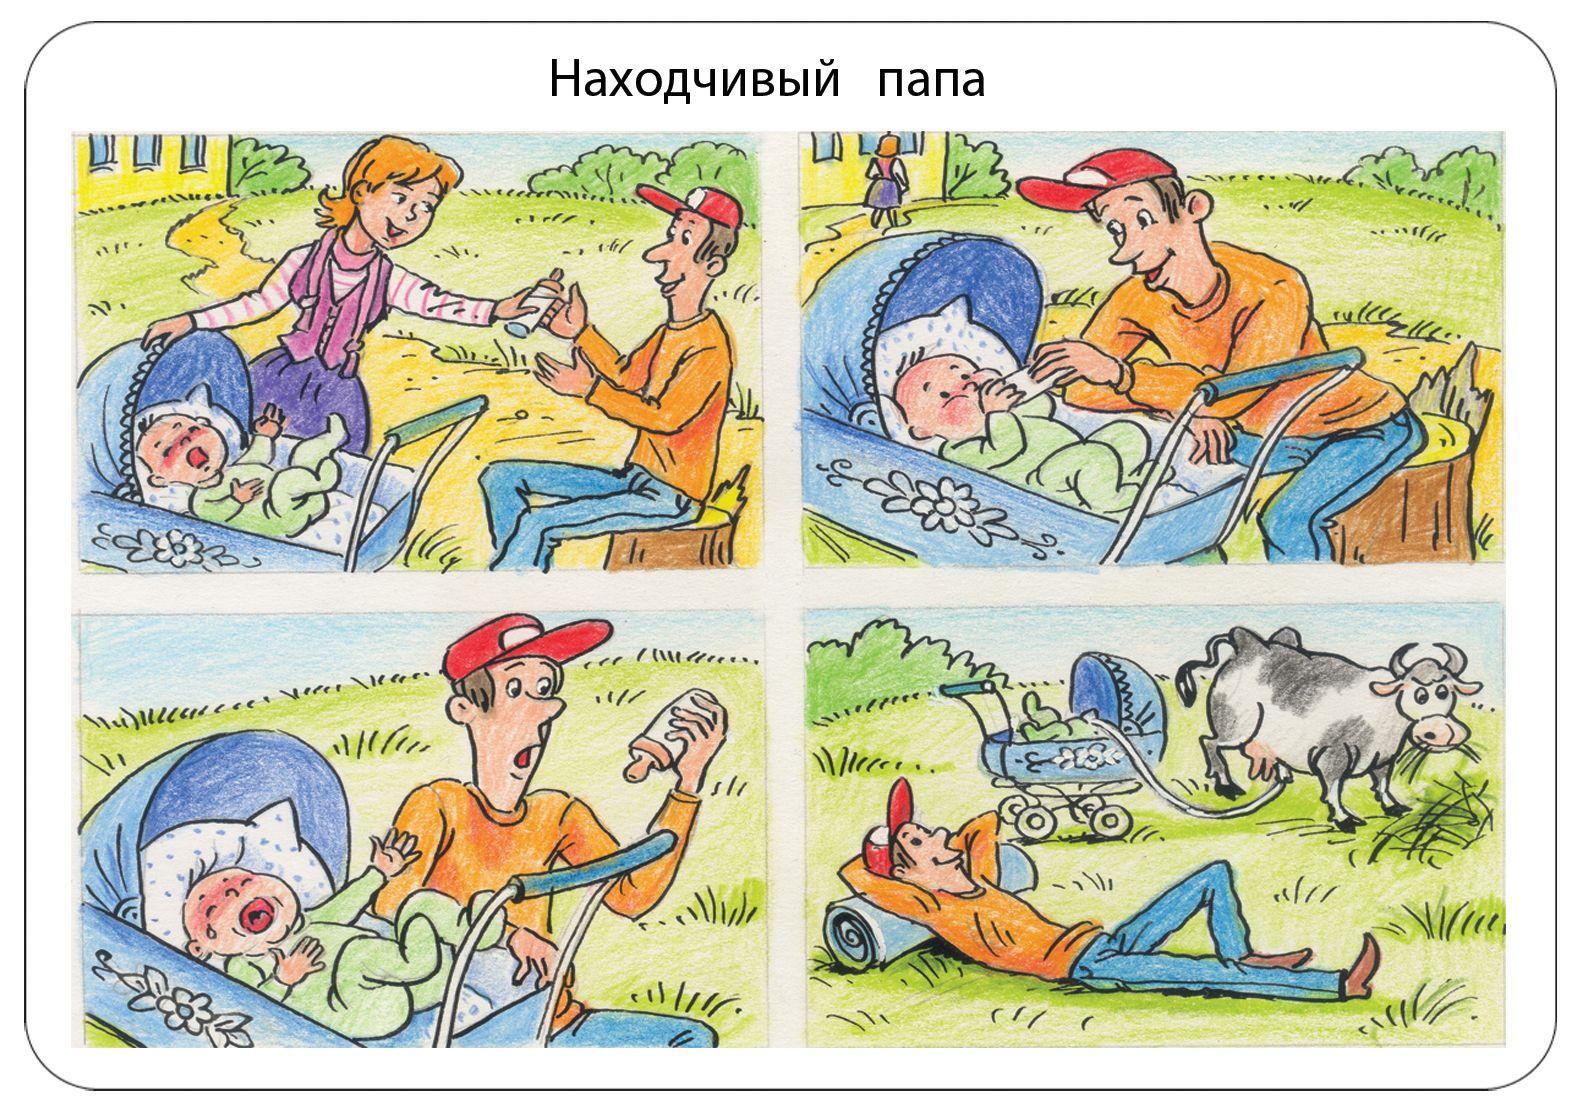 рисунок с рассказом владельцем большей